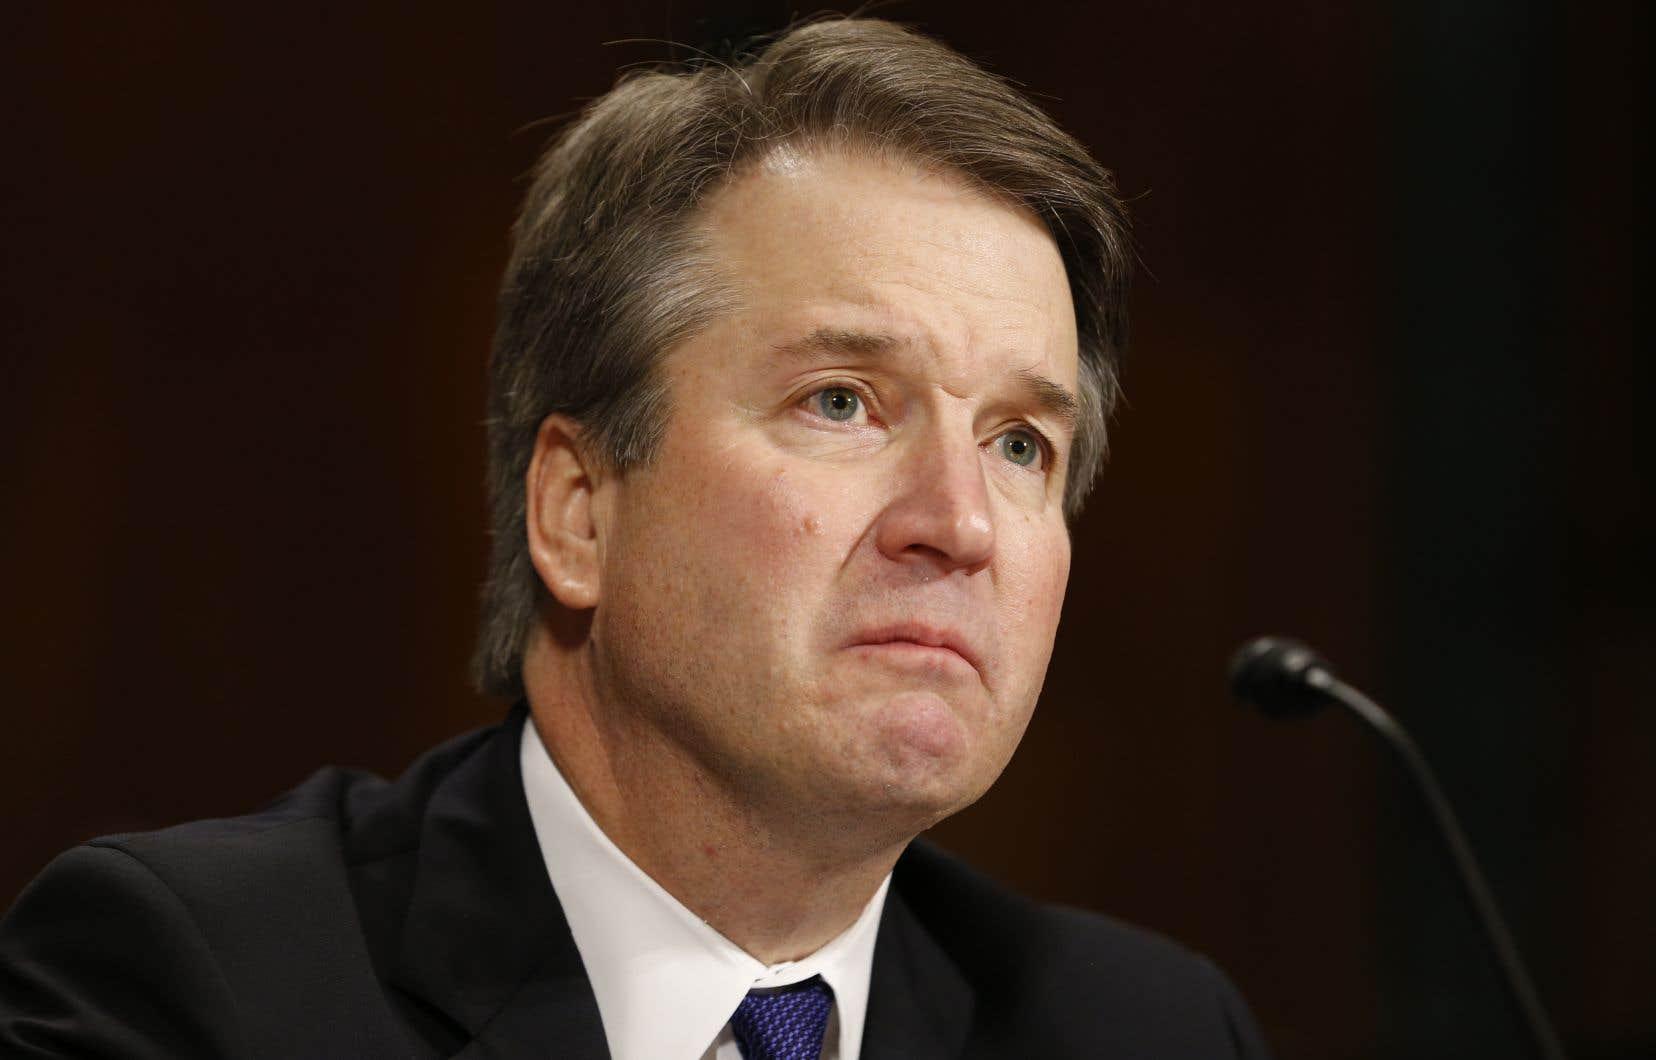 Le juge Brett Kavanaugh, candidat de Donald Trump à la Cour suprême des États-Unis